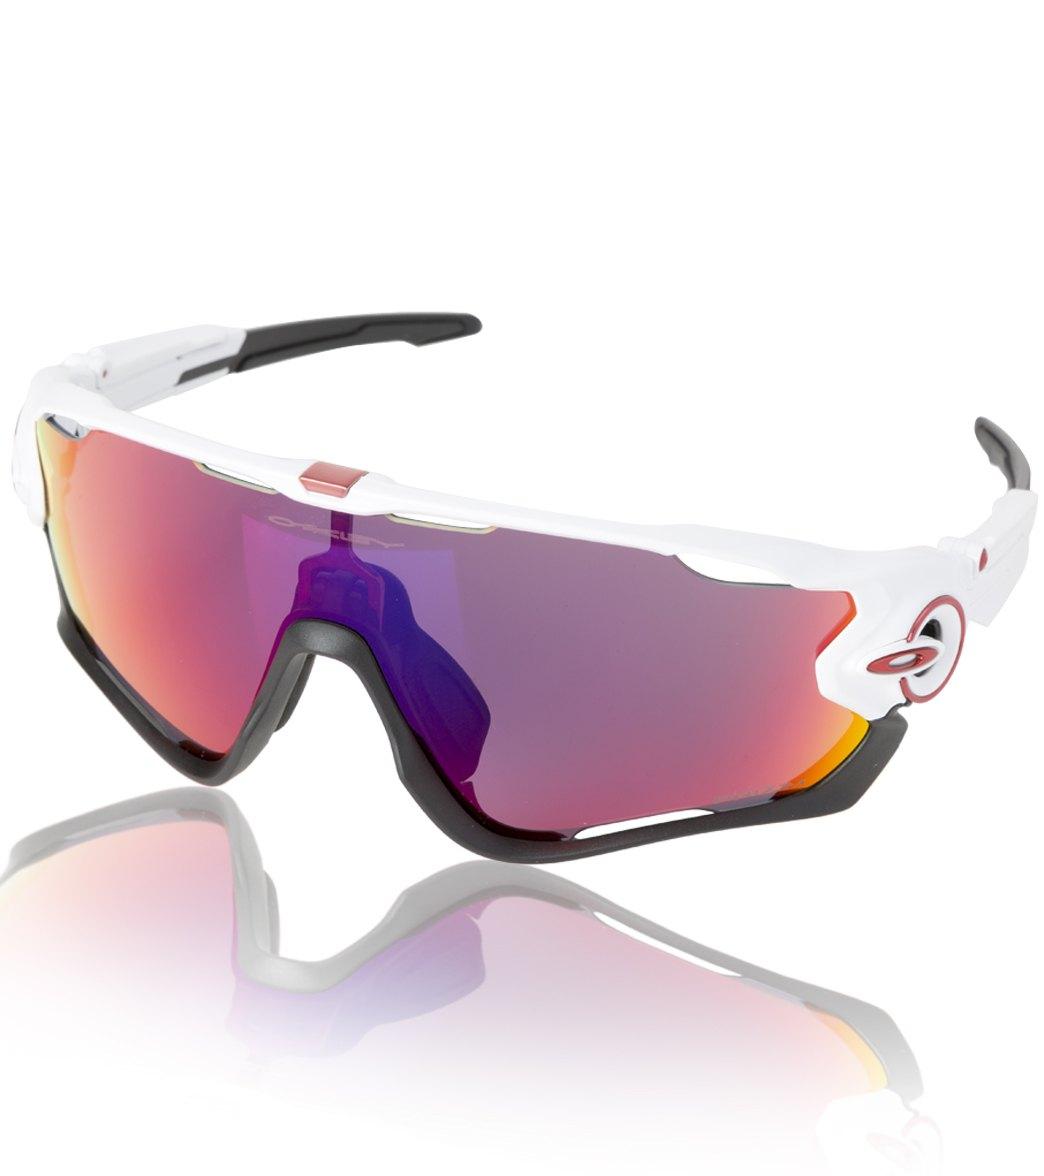 sweden oakley sunglasses jawbreaker free 5fbf0 1b926